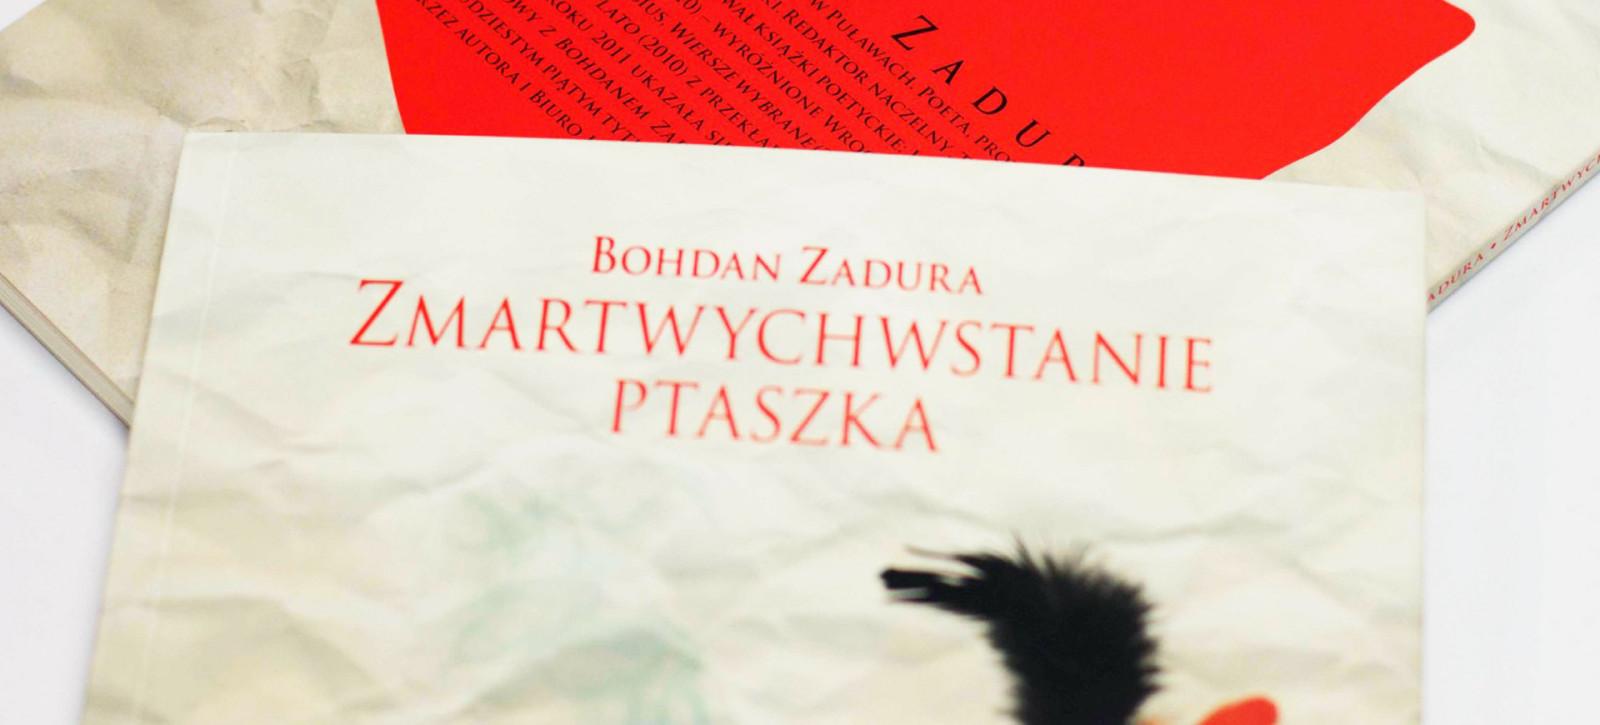 RECENZJA_Bohdan_Zadura_Zmartwychwstanie-ptaszka